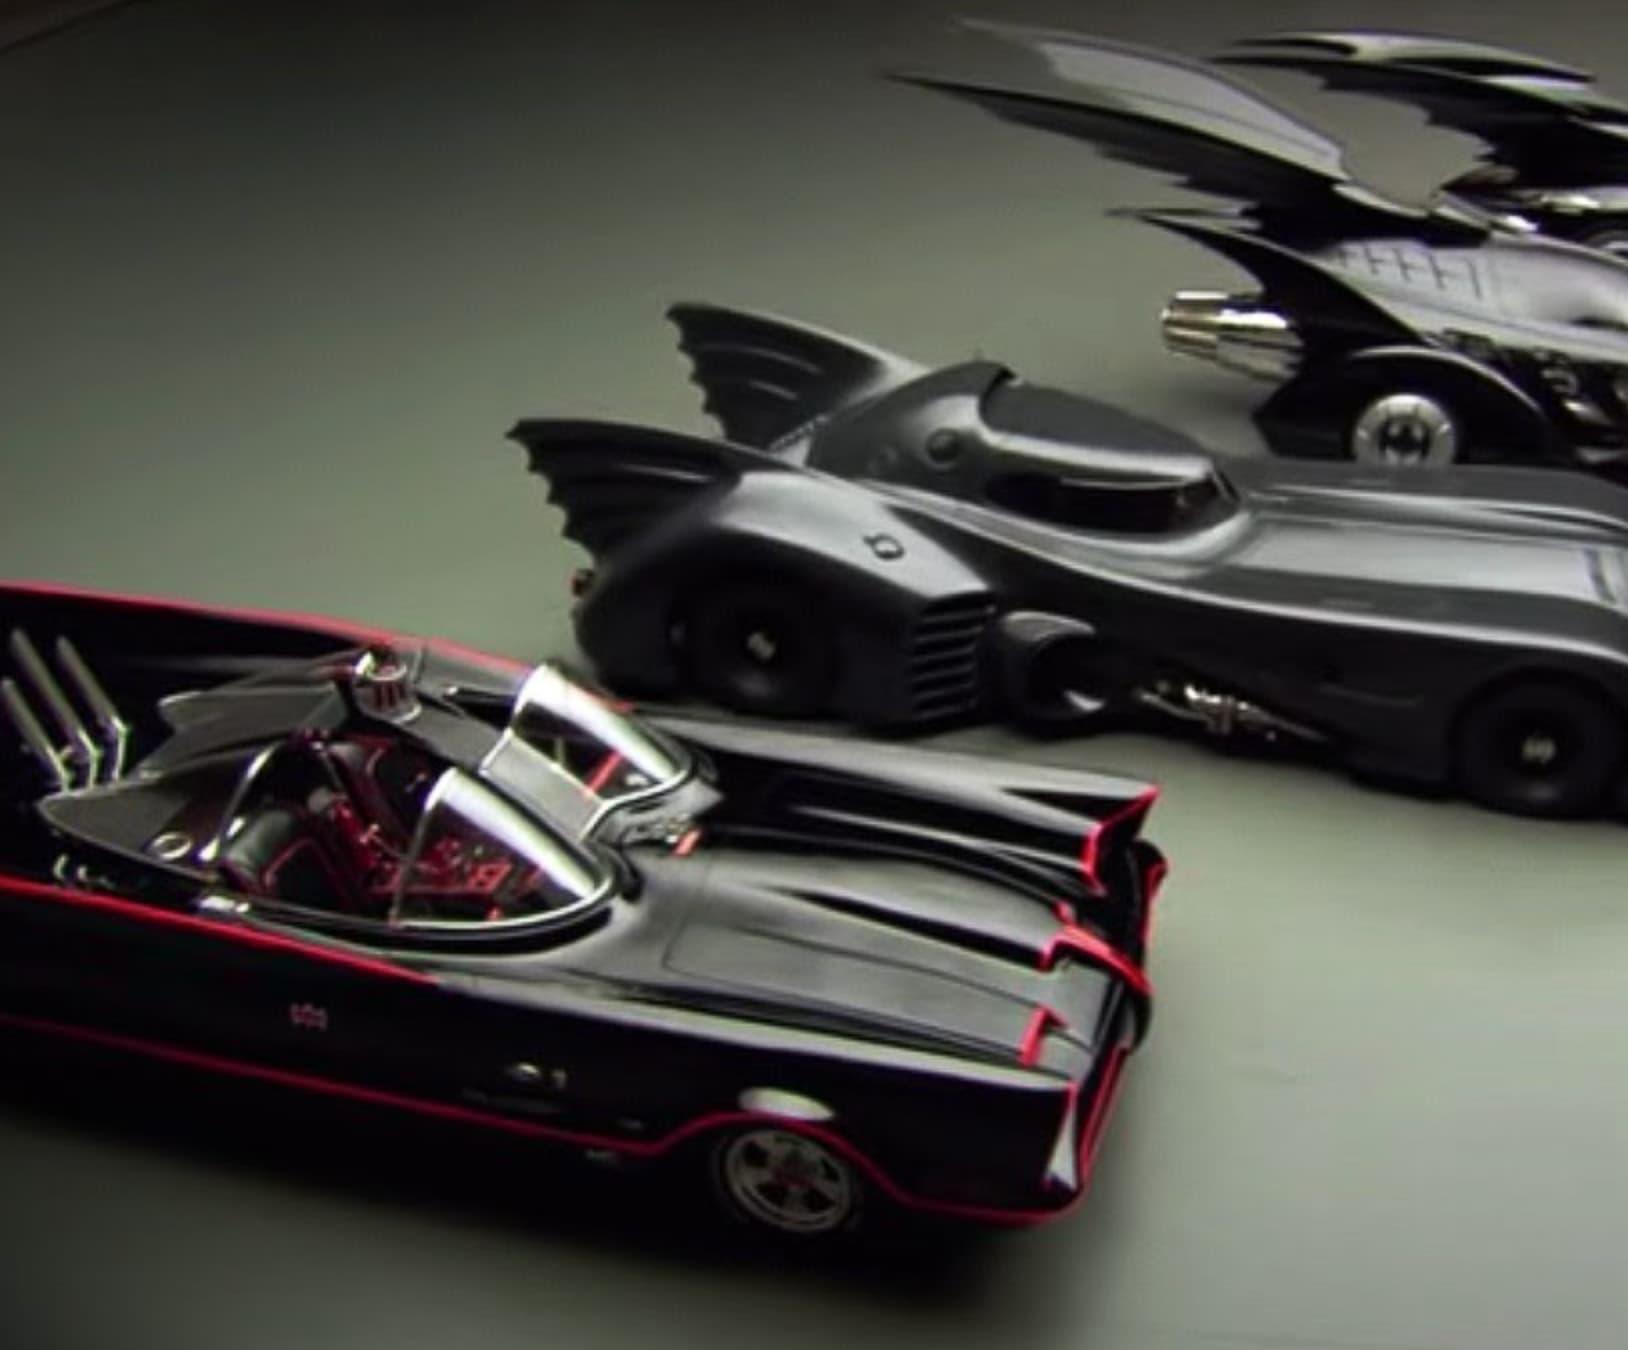 Dokumentär om Batmobile